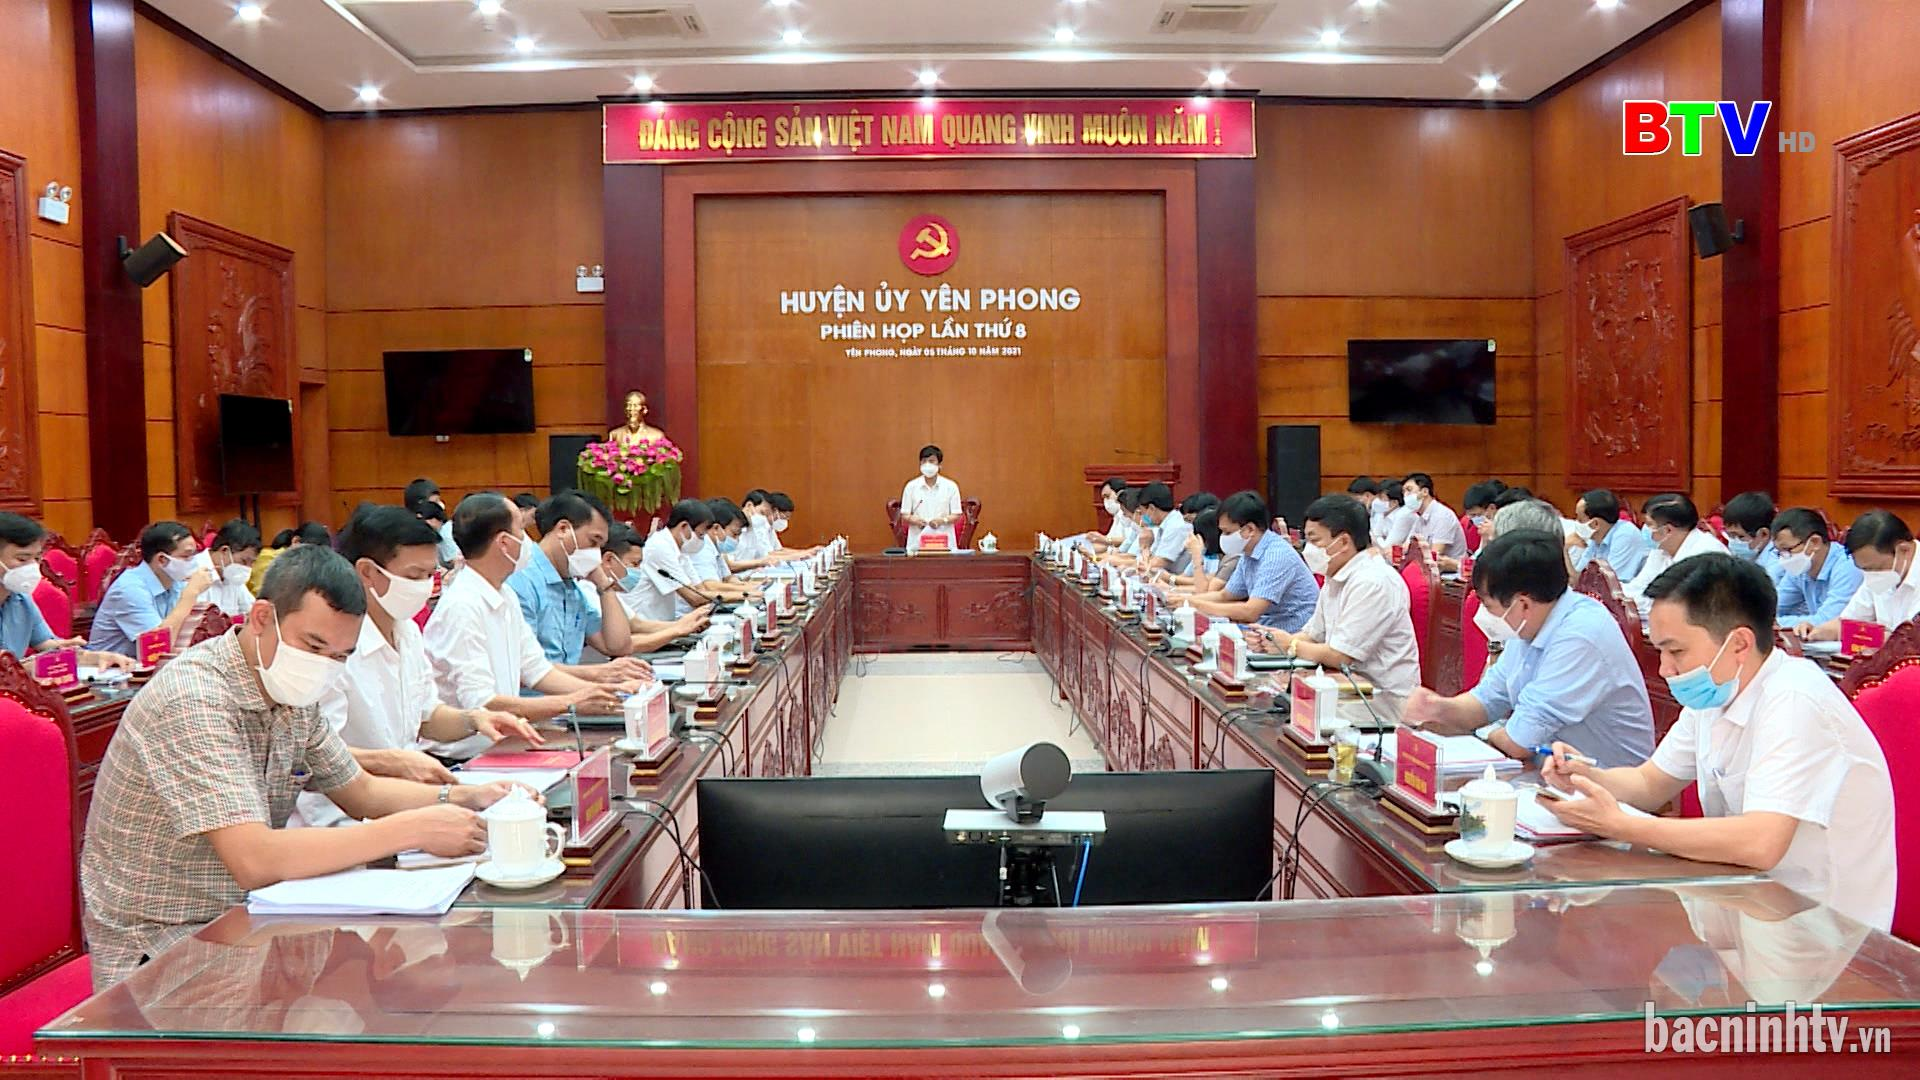 Hội nghị lần thứ 8 (mở rộng) Ban Chấp hành Đảng bộ huyện Yên Phong